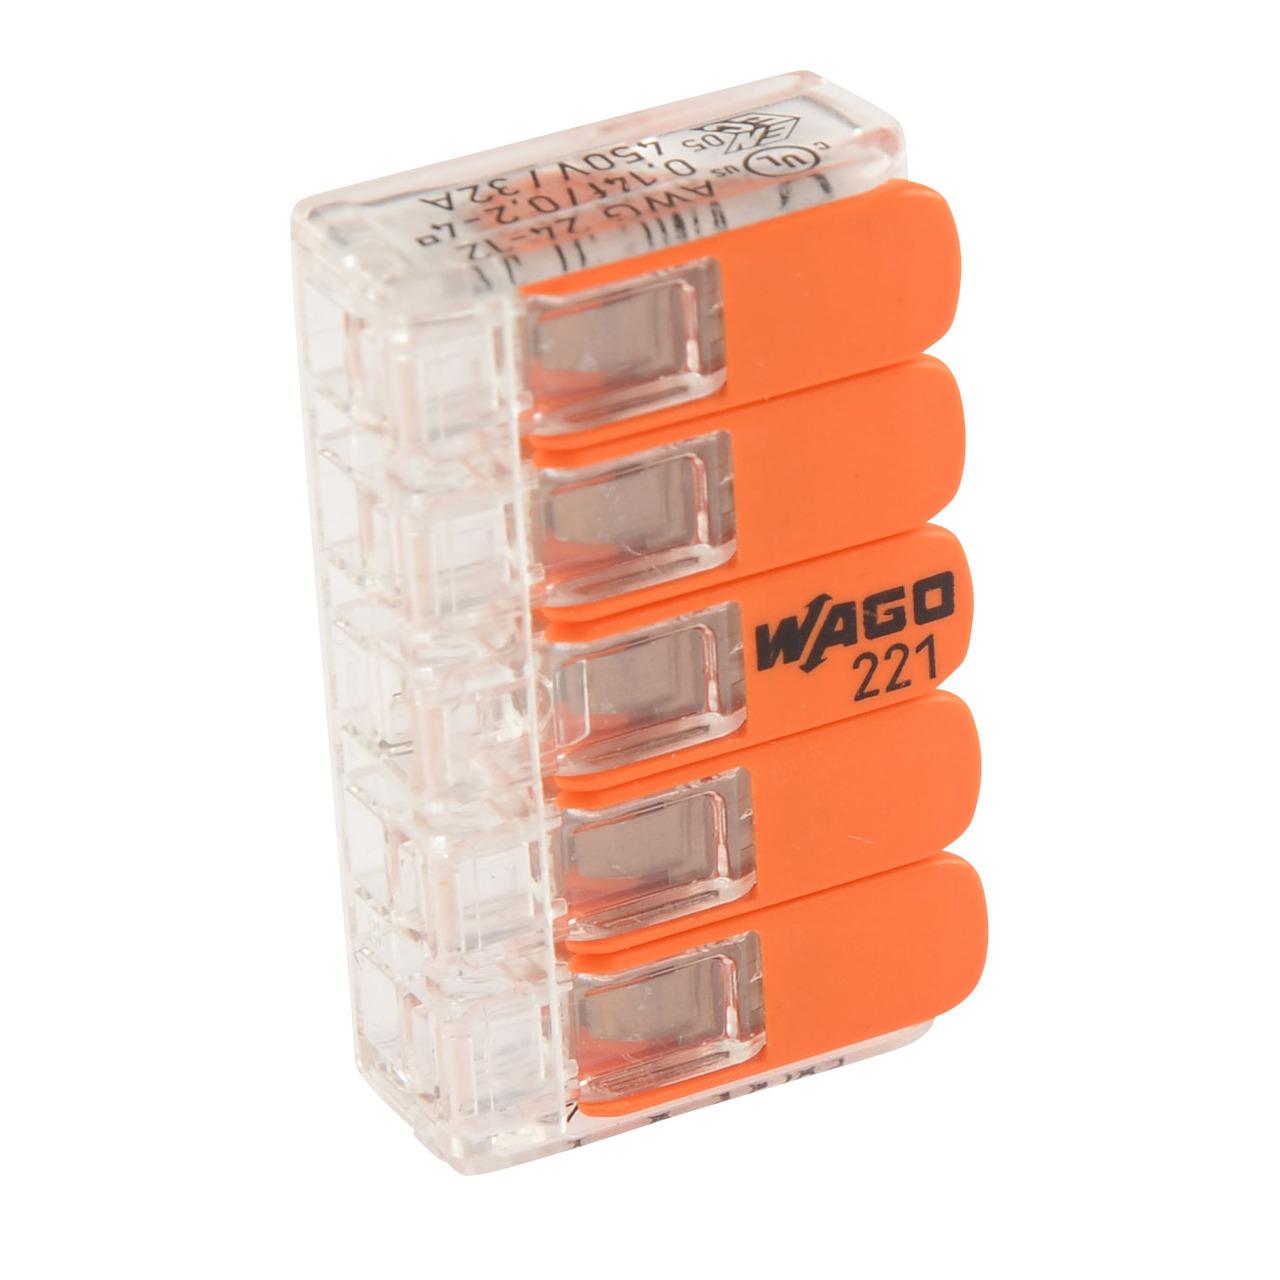 Wago 221-415 COMPACT Verbindungsklemme 5x 4 mm- 25 Stück